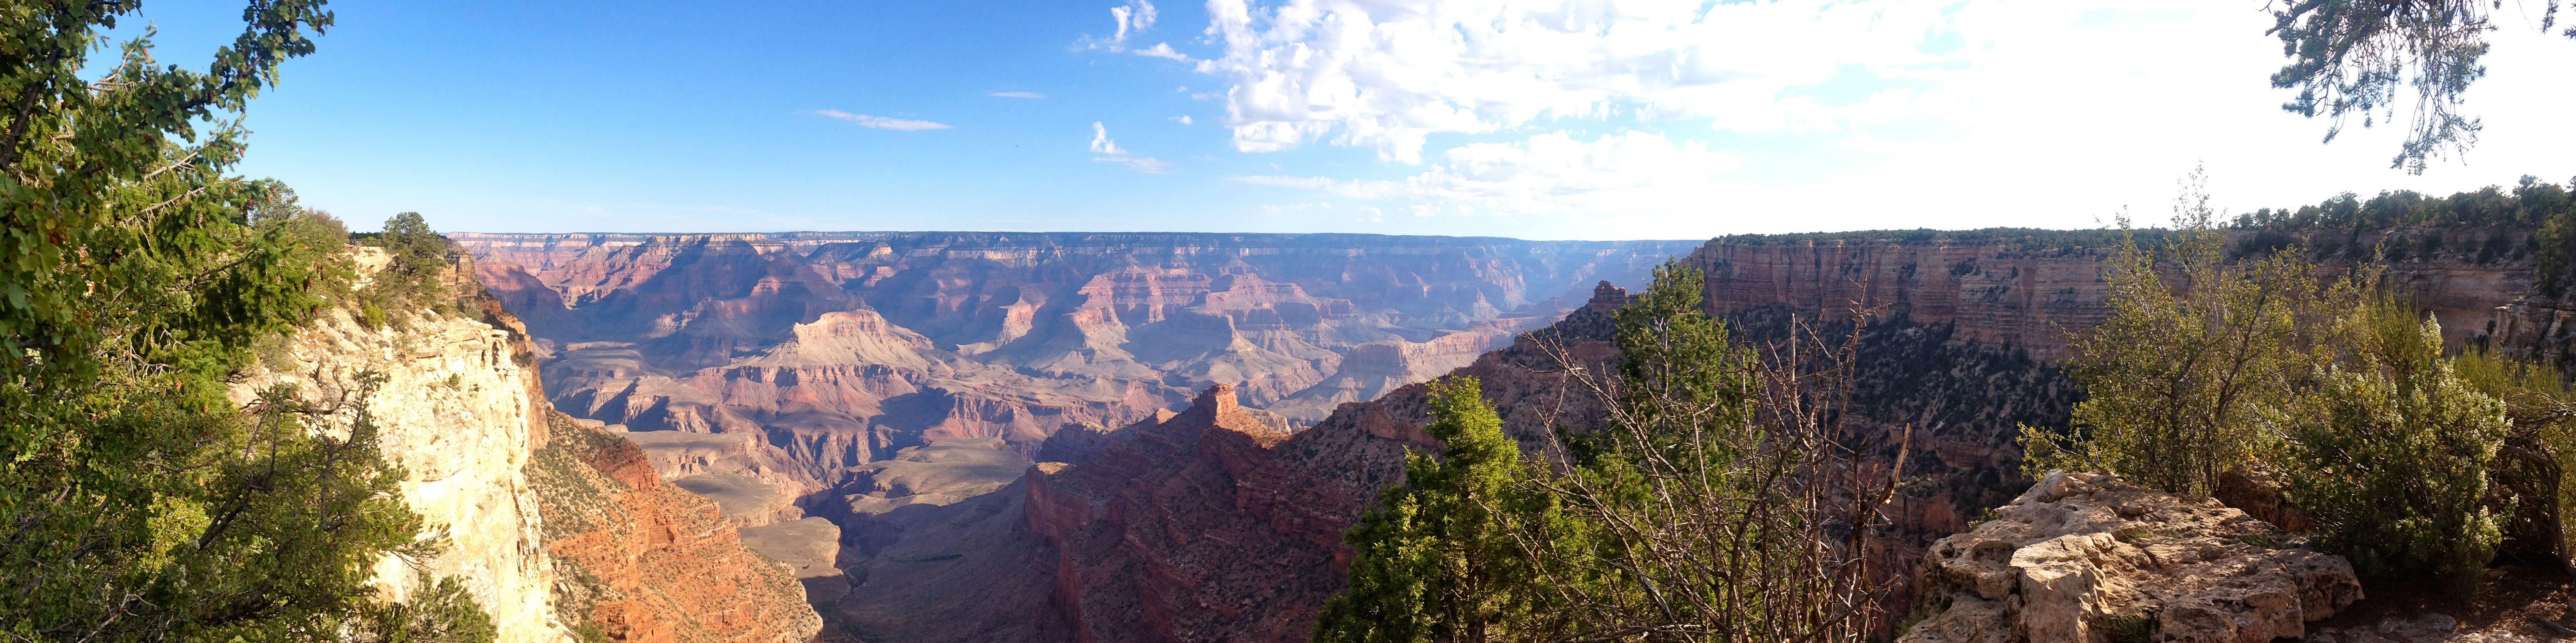 Grand Canyon Panoramablick